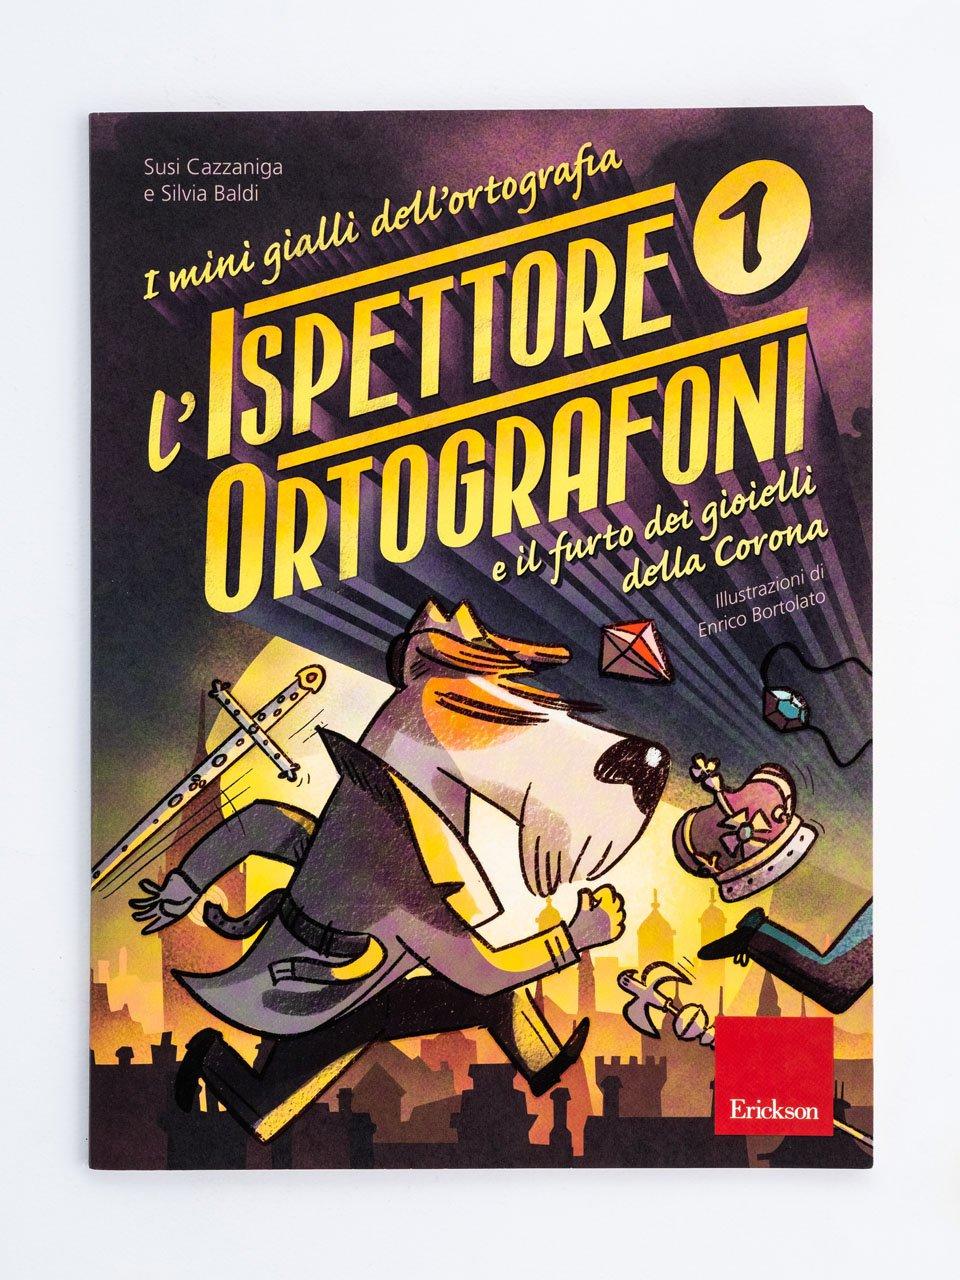 I mini gialli dell'ortografia 1 - I mini gialli dell'ortografia 3 - Libri - Erickson